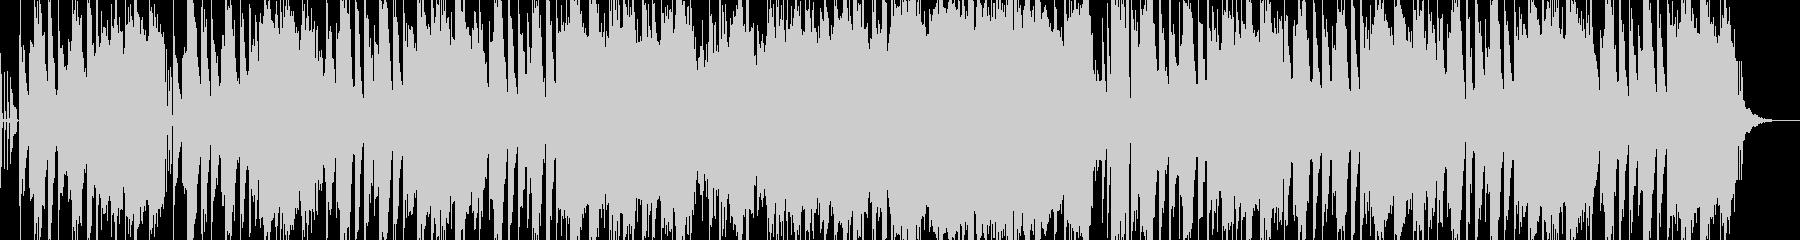 ほのぼのしたシンセサウンドの未再生の波形